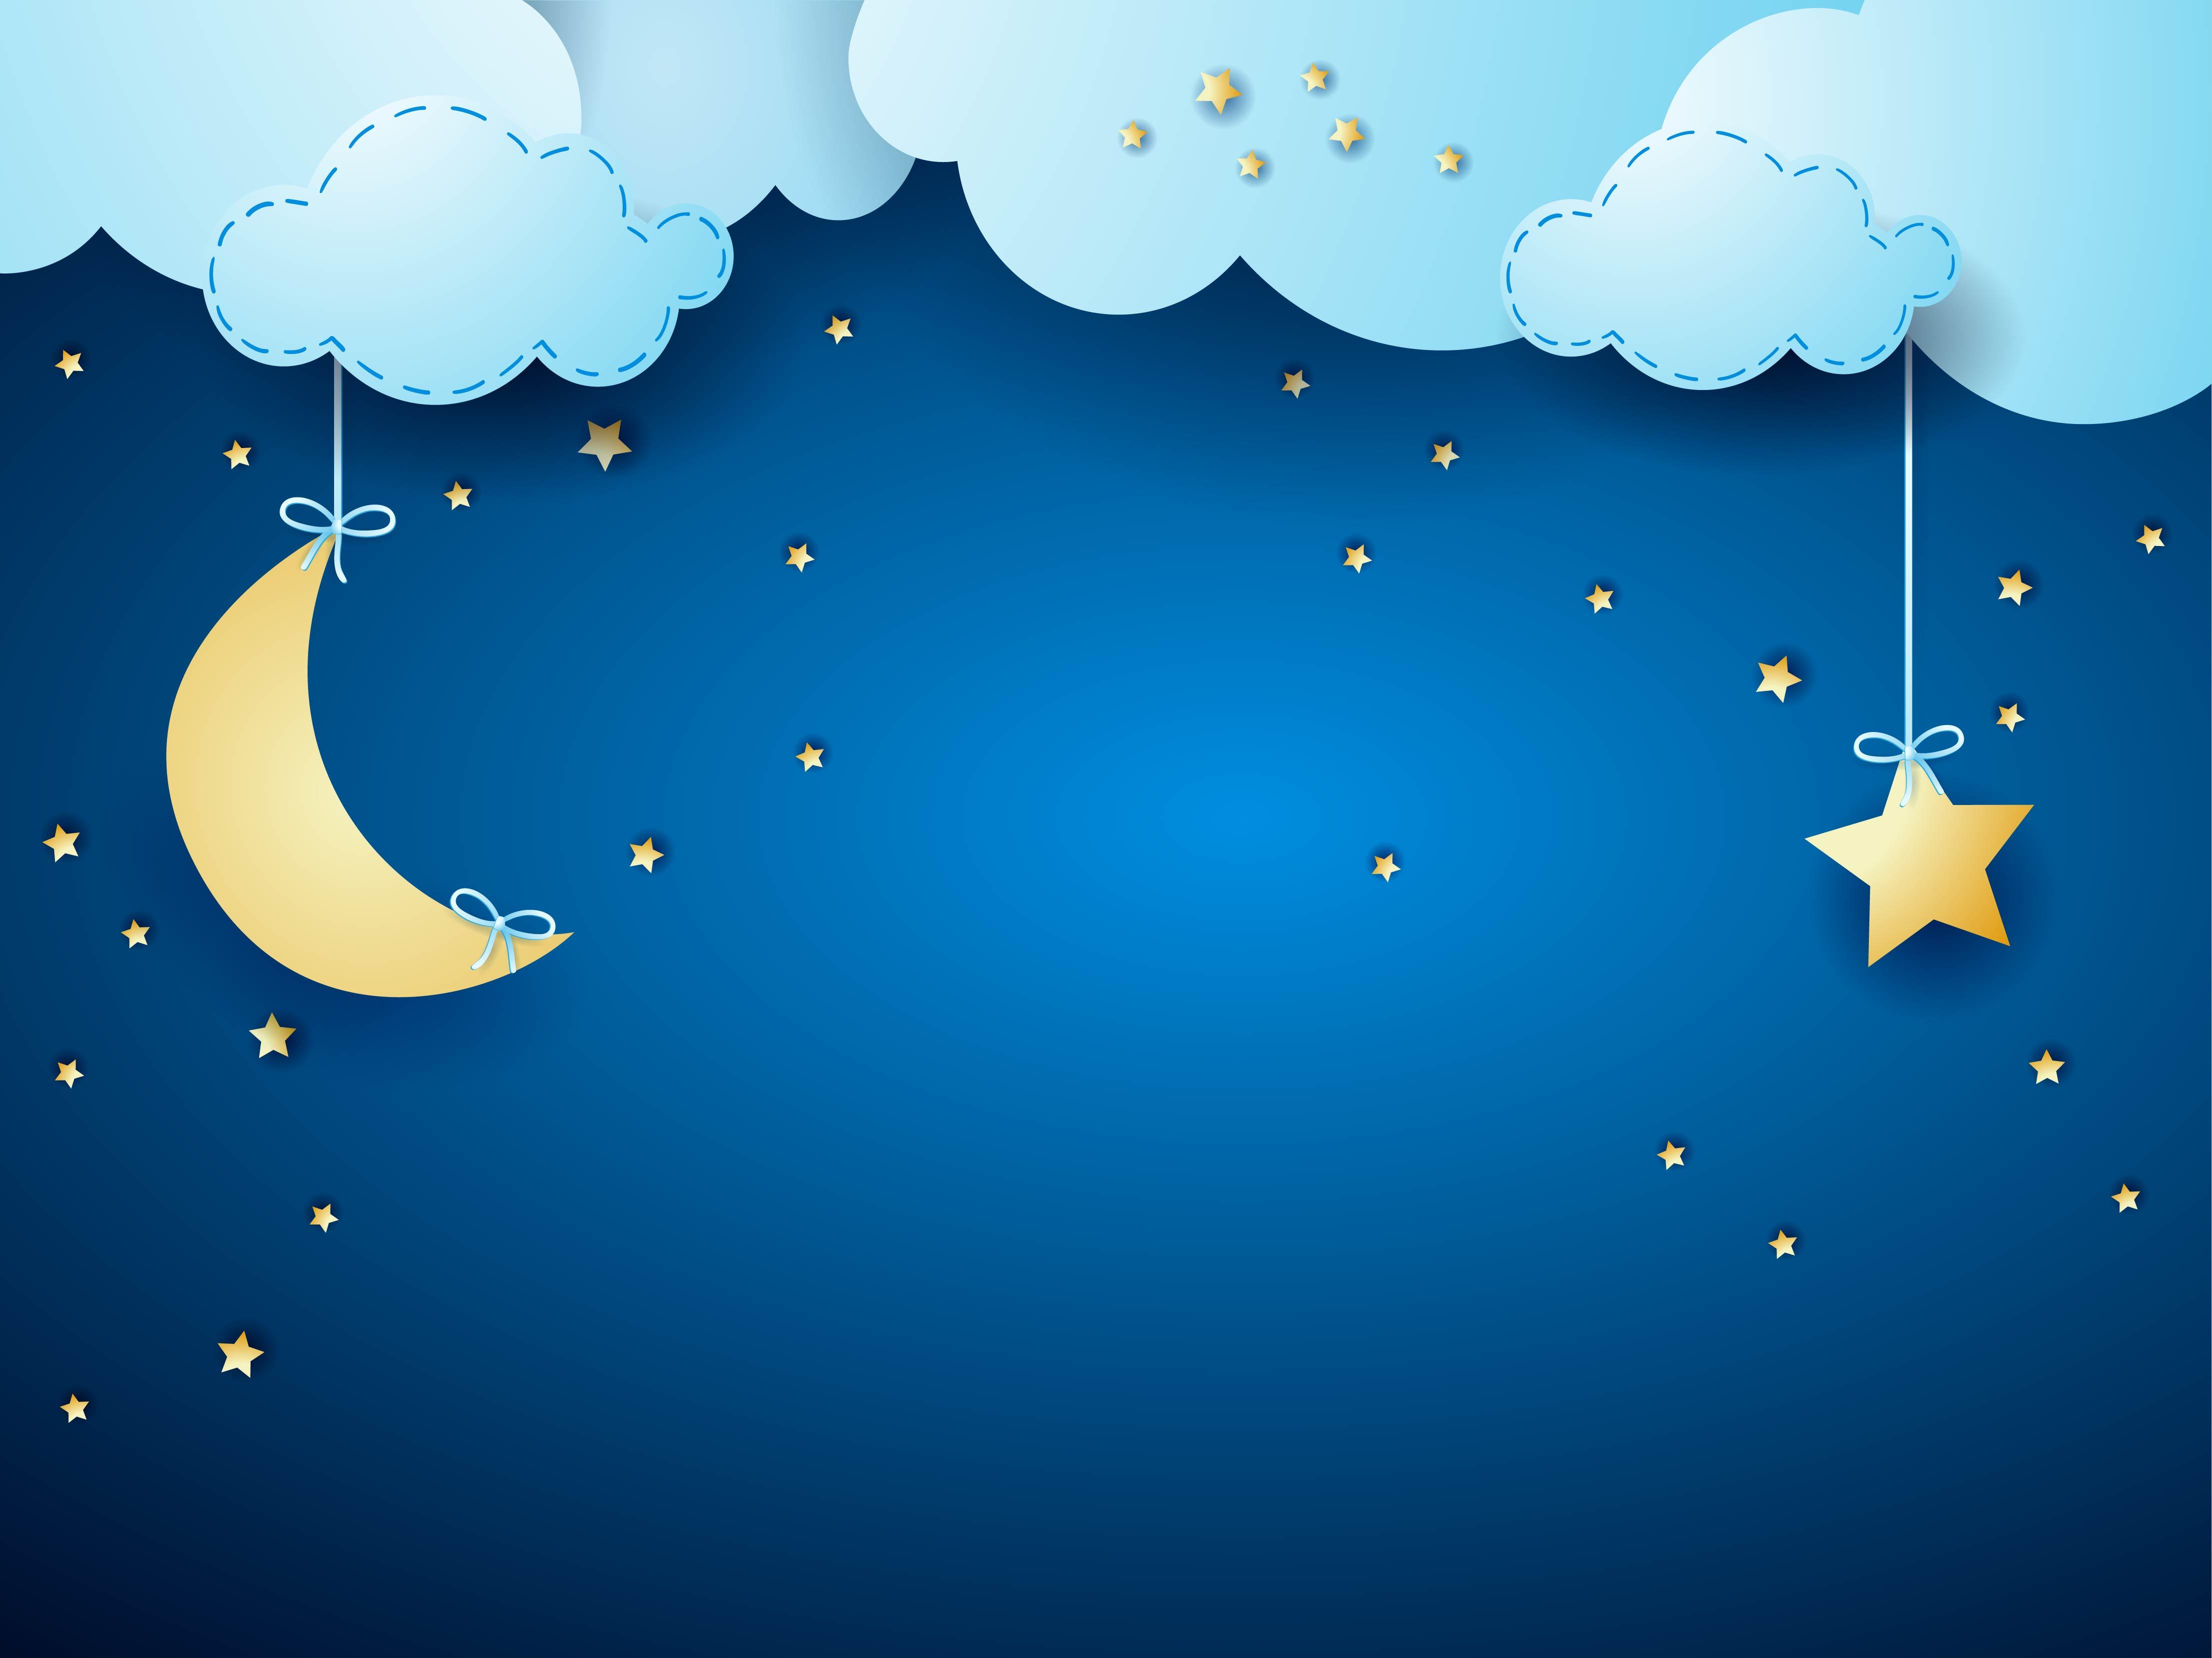 Картинка ночь для детей, анимация